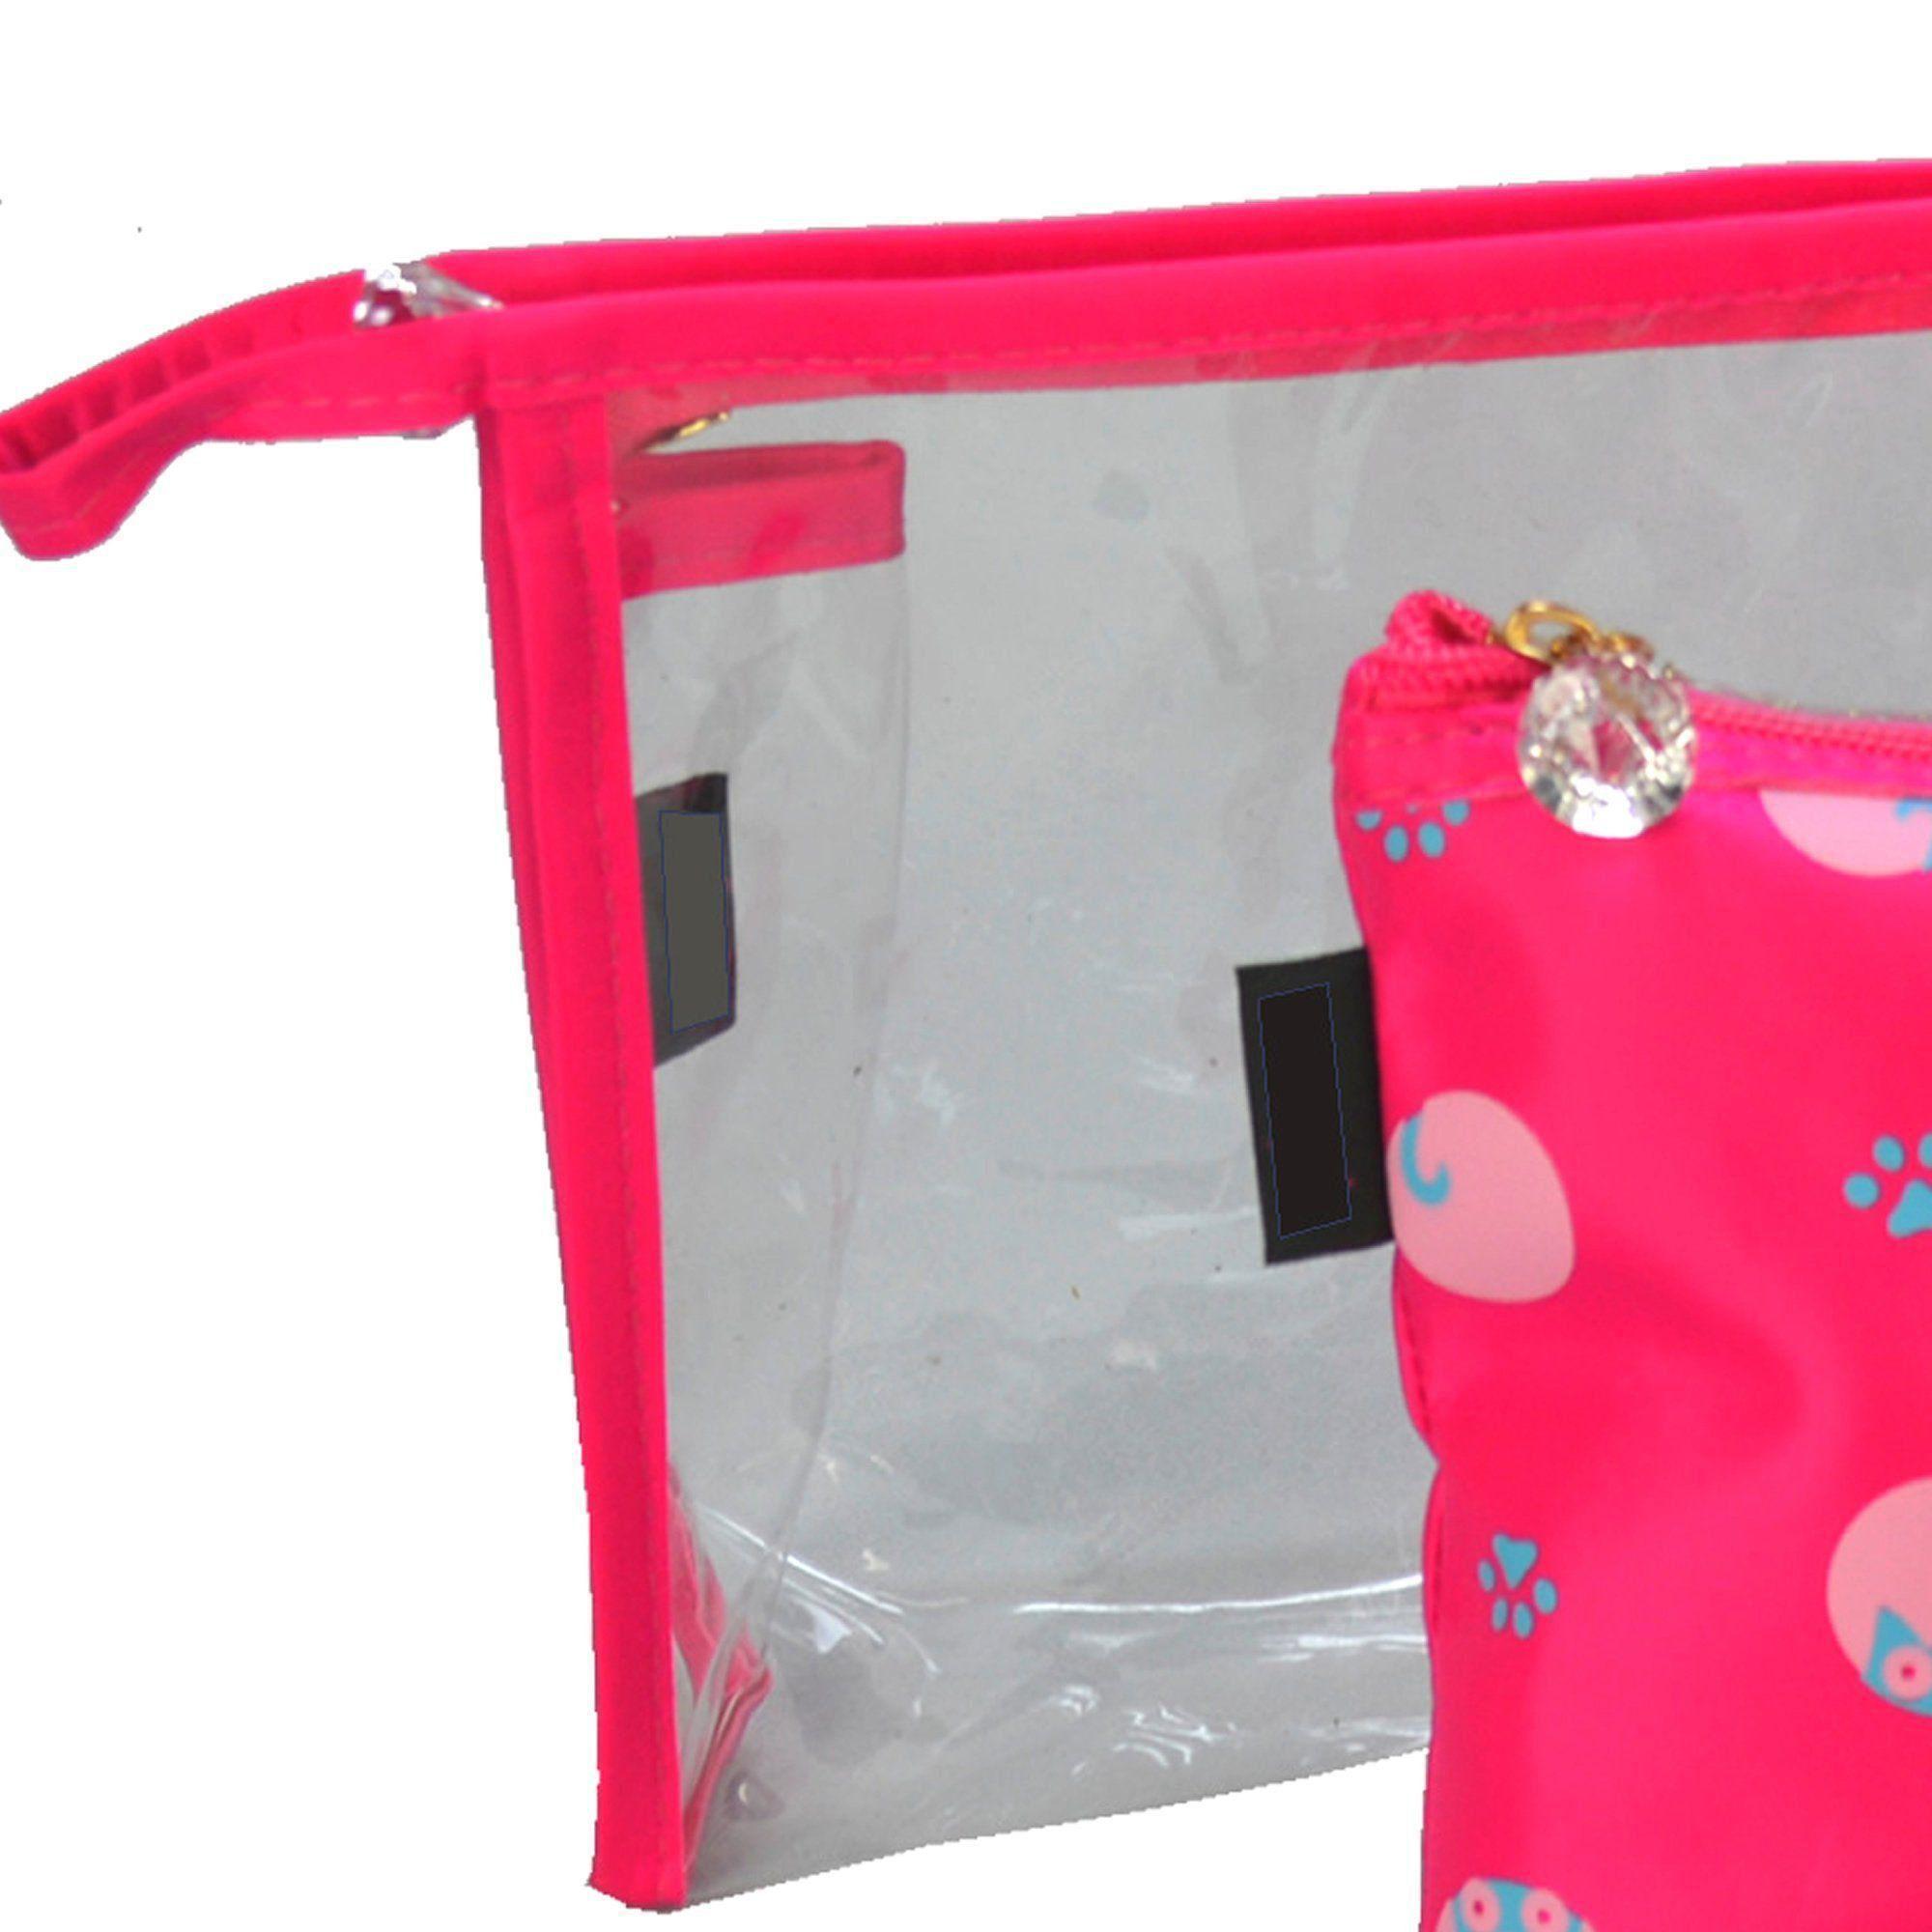 Kit com 3 Frasqueiras Necessaire Feminina Pink CBRN05970